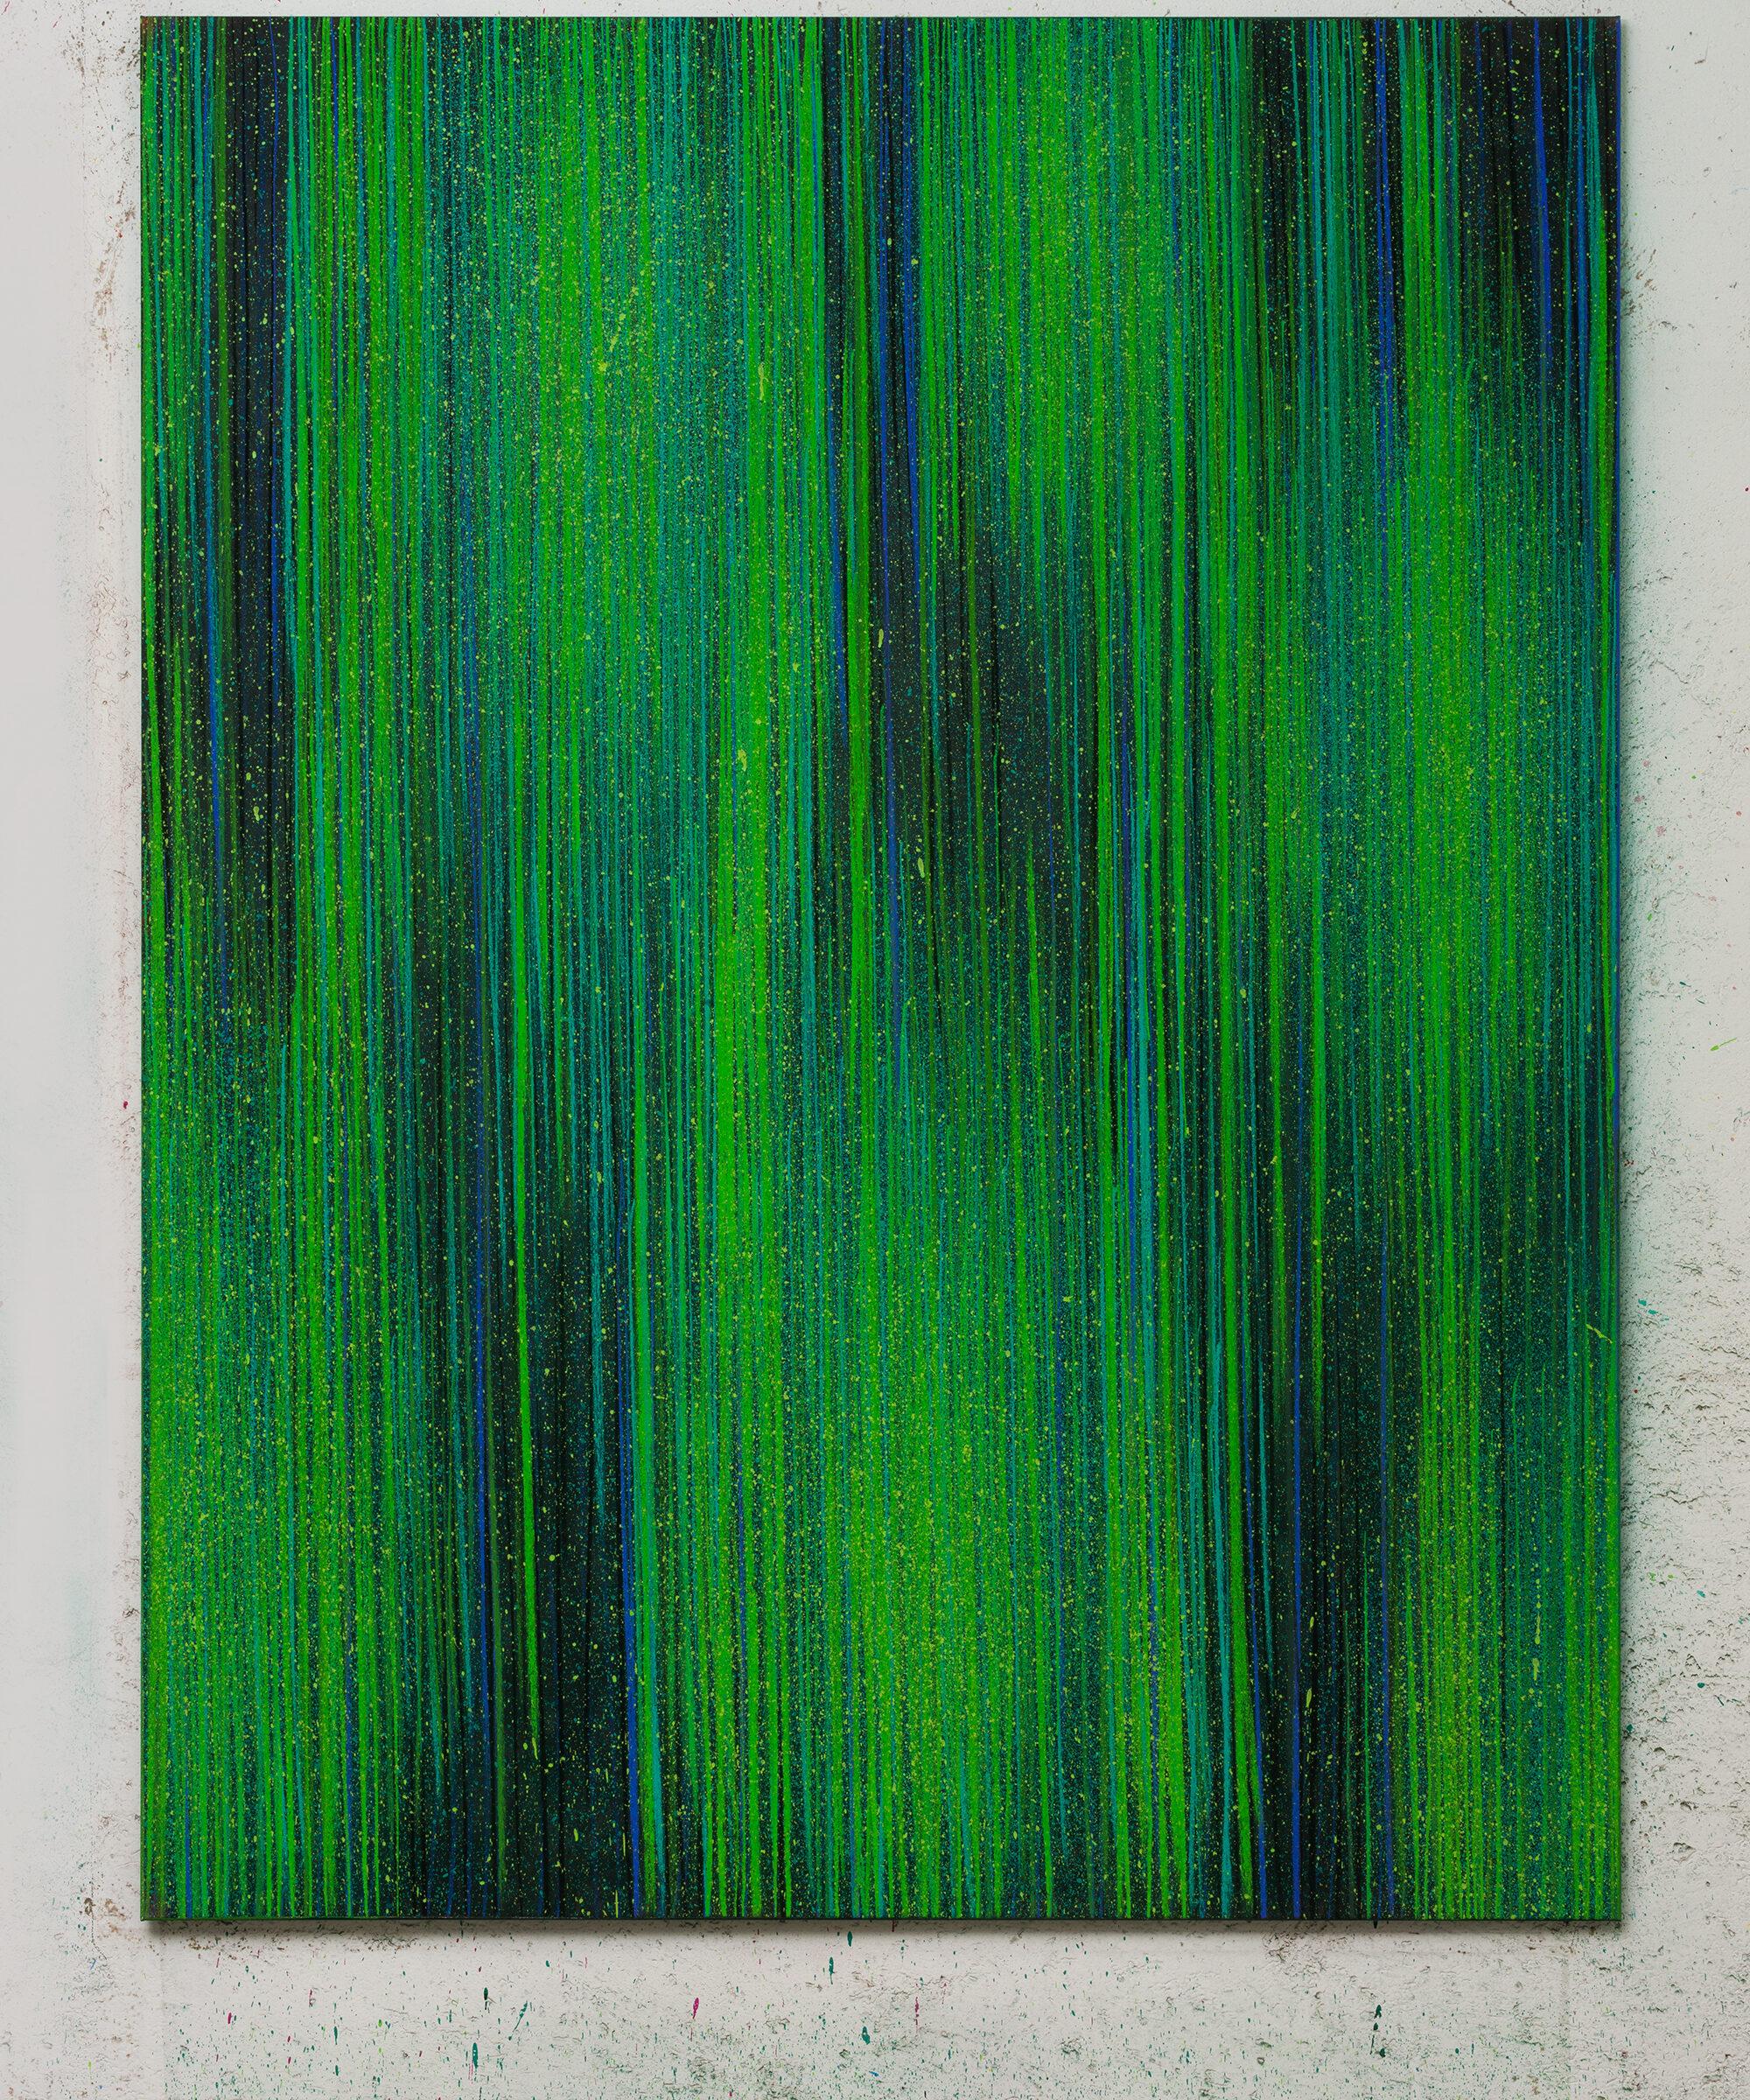 3. LM, Untitled 1, 2018, pastello e acrilico su tela, 2018